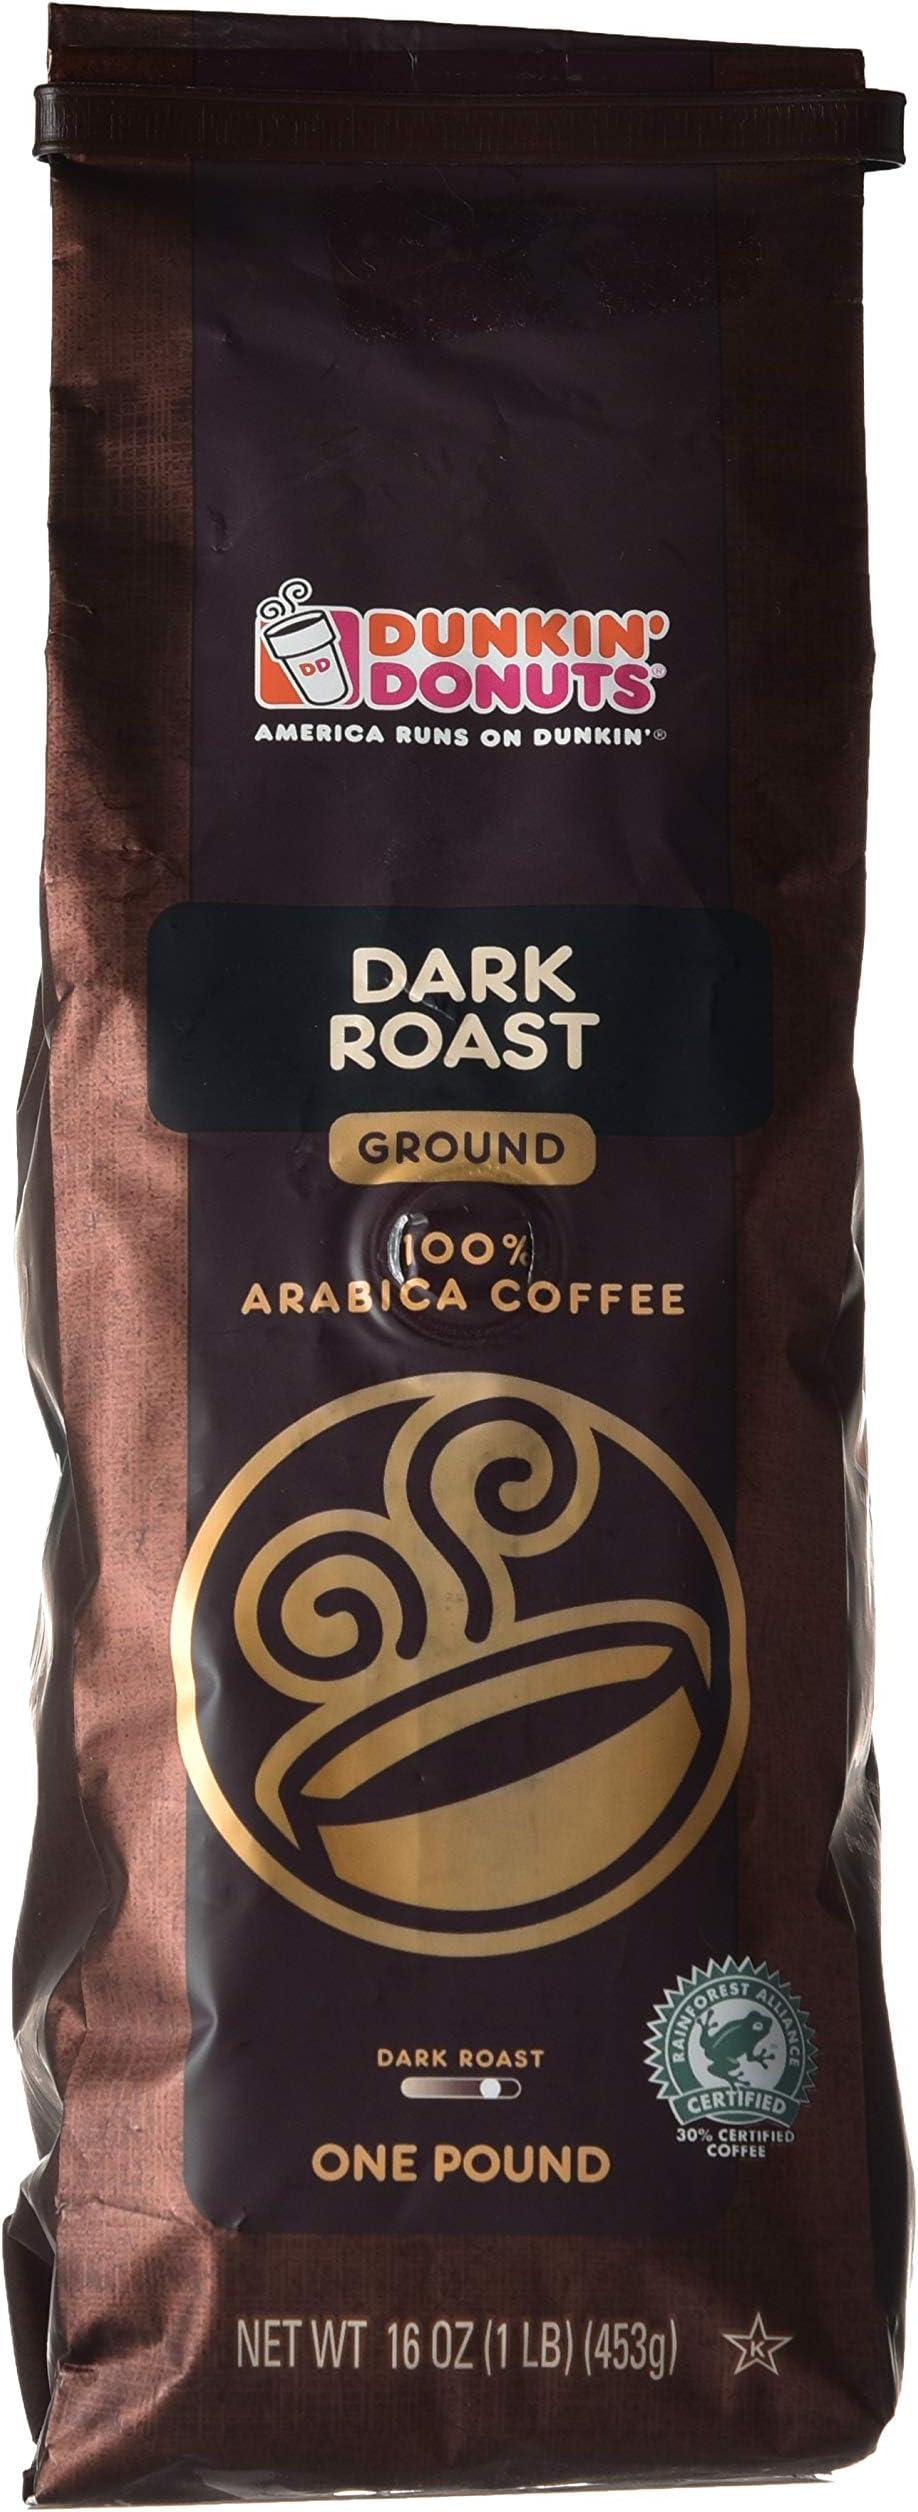 سعر قهوة دانكن دارك روست قهوة عربية 453 جرام فى السعودية بواسطة امازون السعودية كان بكام